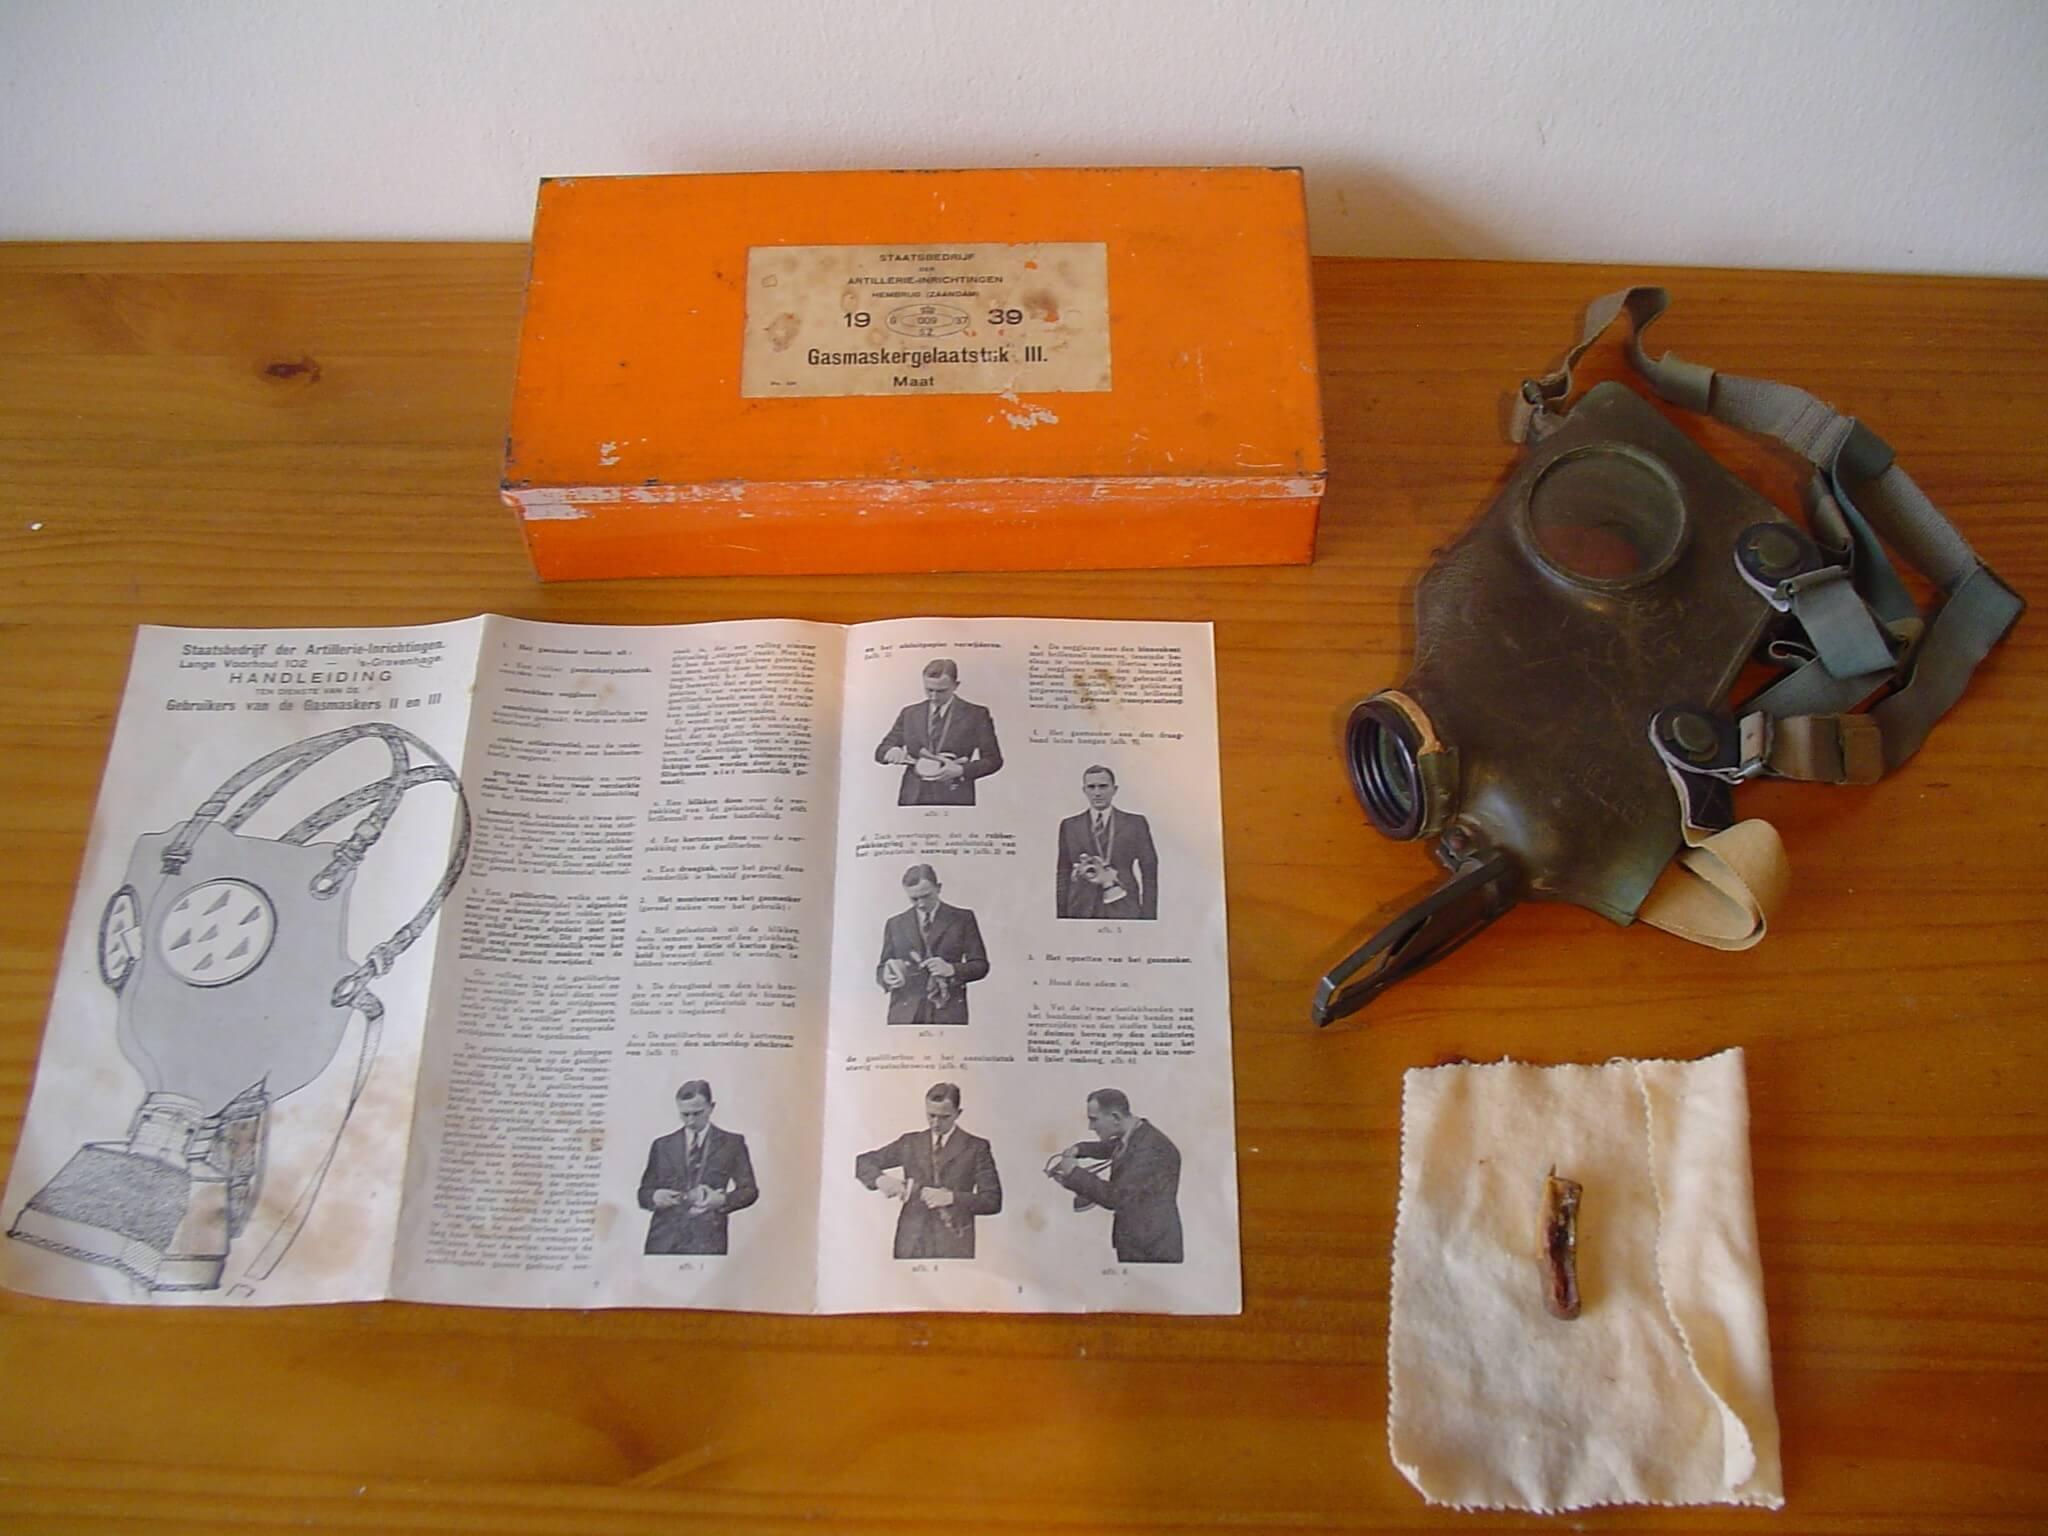 Nederlands gasmasker uit de tweede wereldoorlog oranje doos wo2